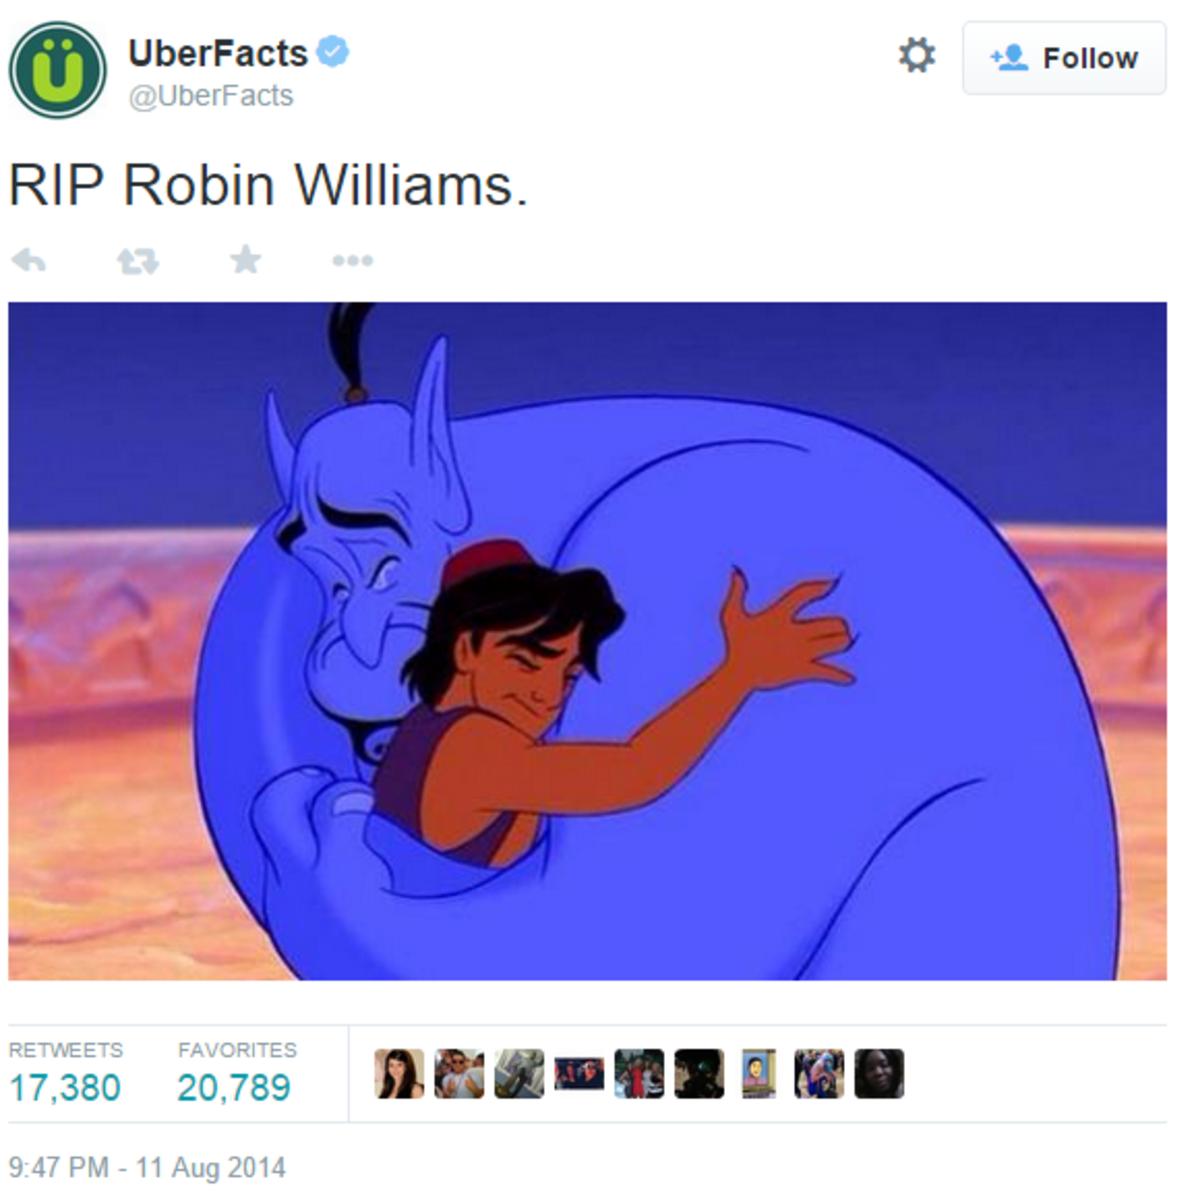 UberFacts on TwitterRIP Robin Williams.